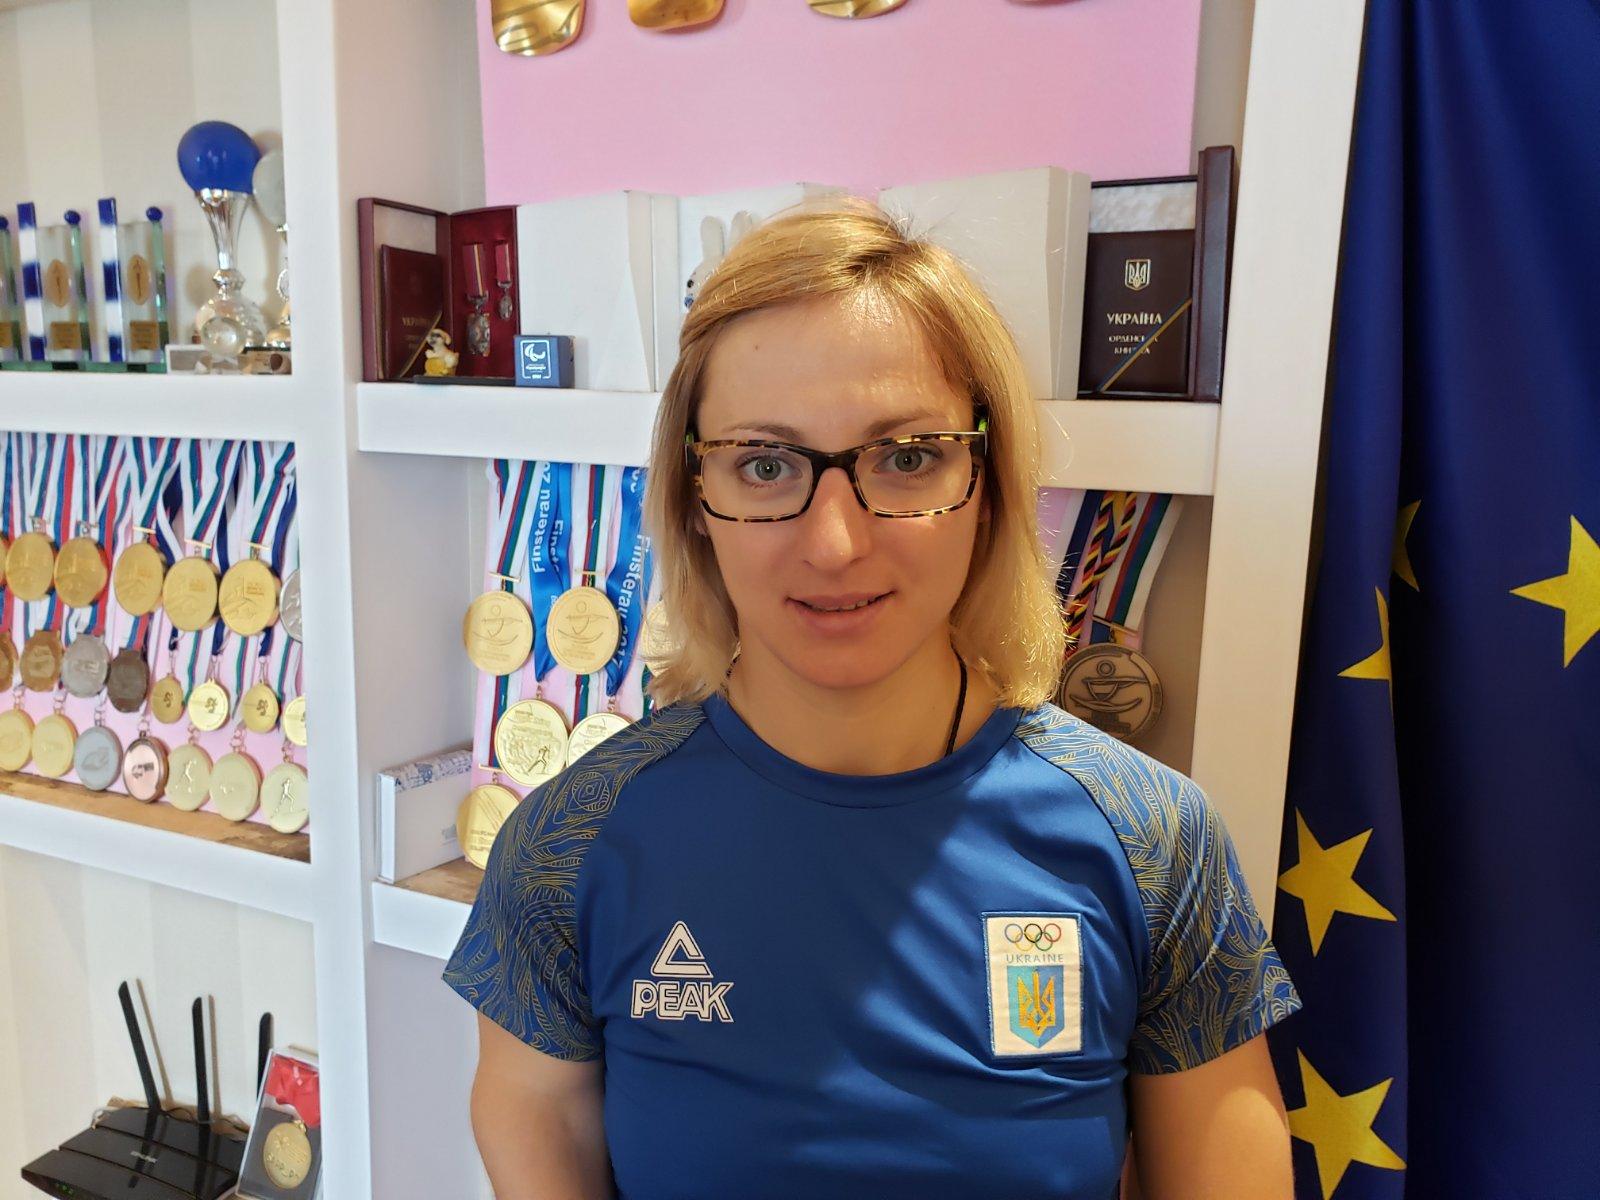 Лижниця-чемпіонка з Броварів: про спорт, карантин та плани на майбутнє (ВІДЕО)